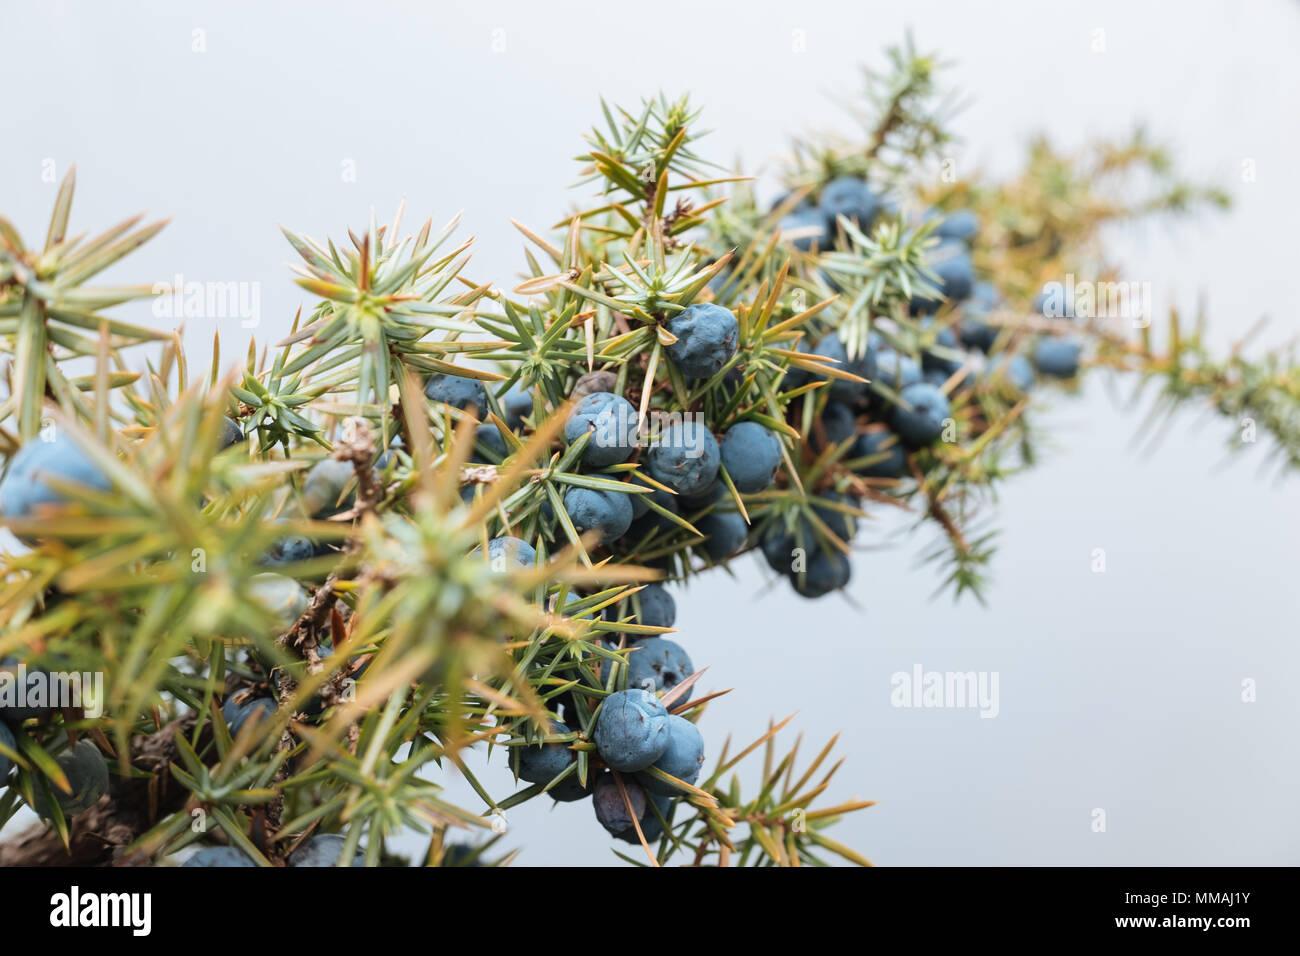 Près d'une succursale d'wild genévrier (Juniperus Communis), remplis de petits fruits violets. Banque D'Images